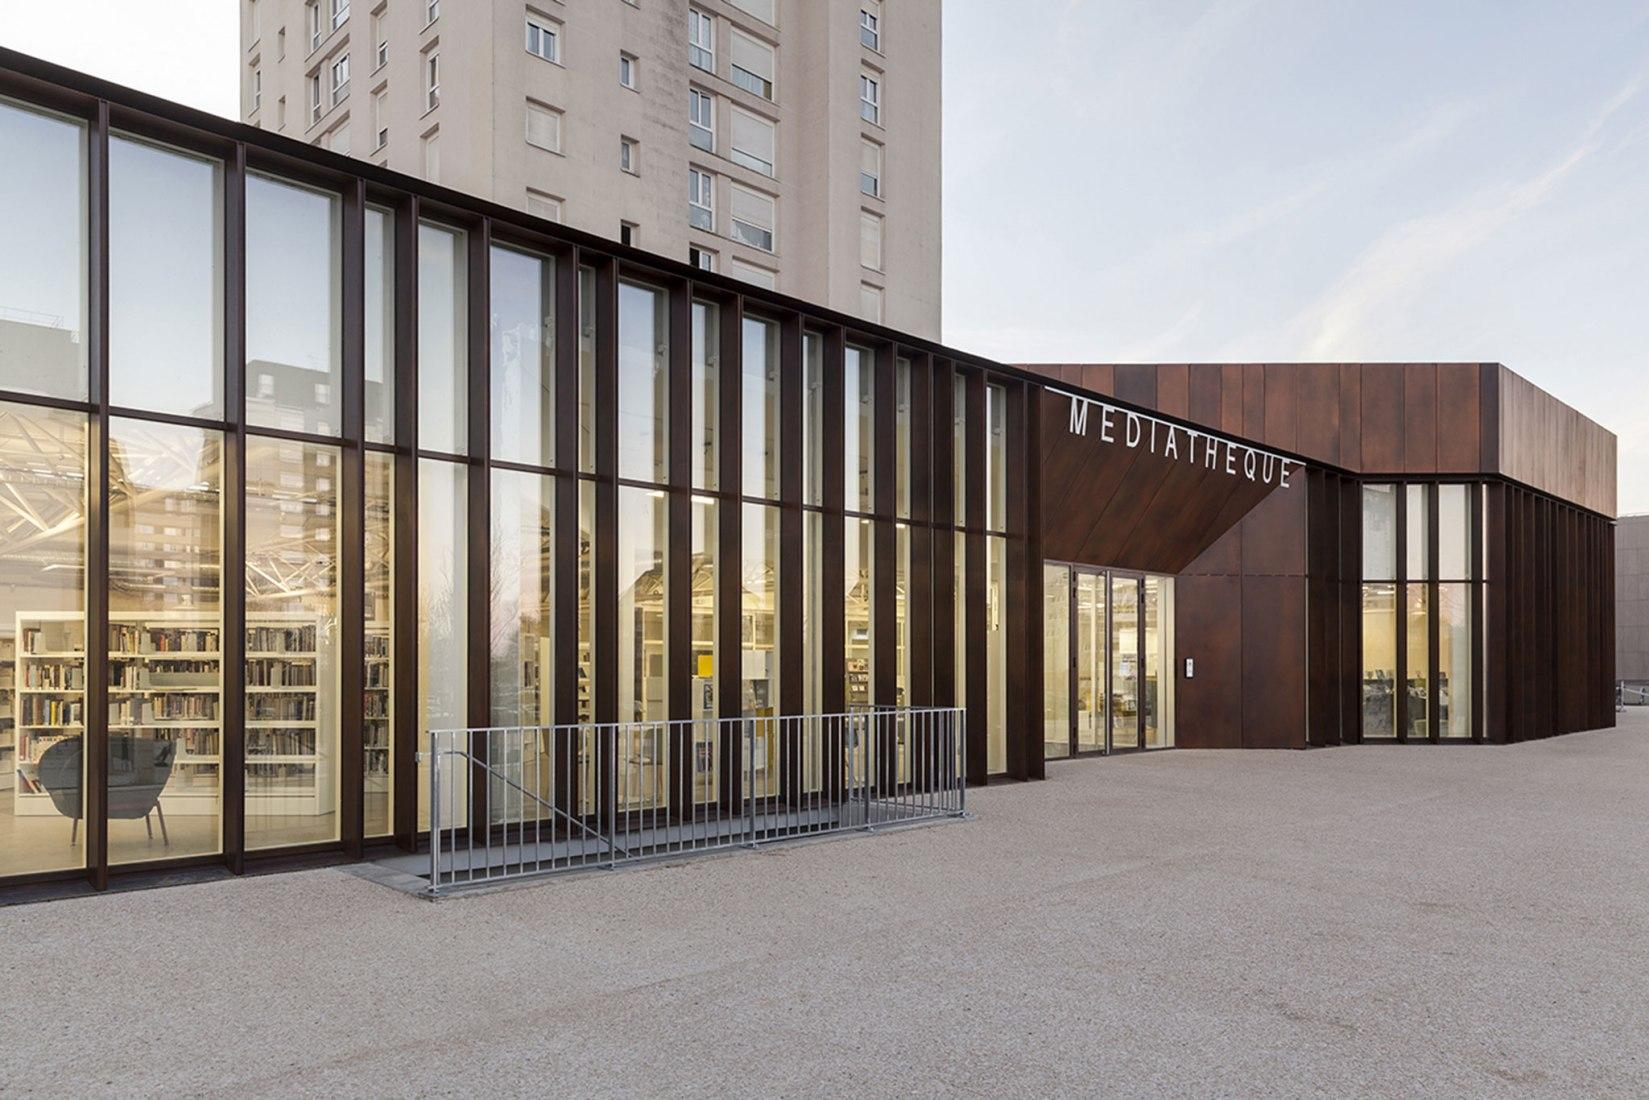 Renovación del Centro Comunitario Albert Schweitzer por MOA. Fotografía de Cyrille Lallement.